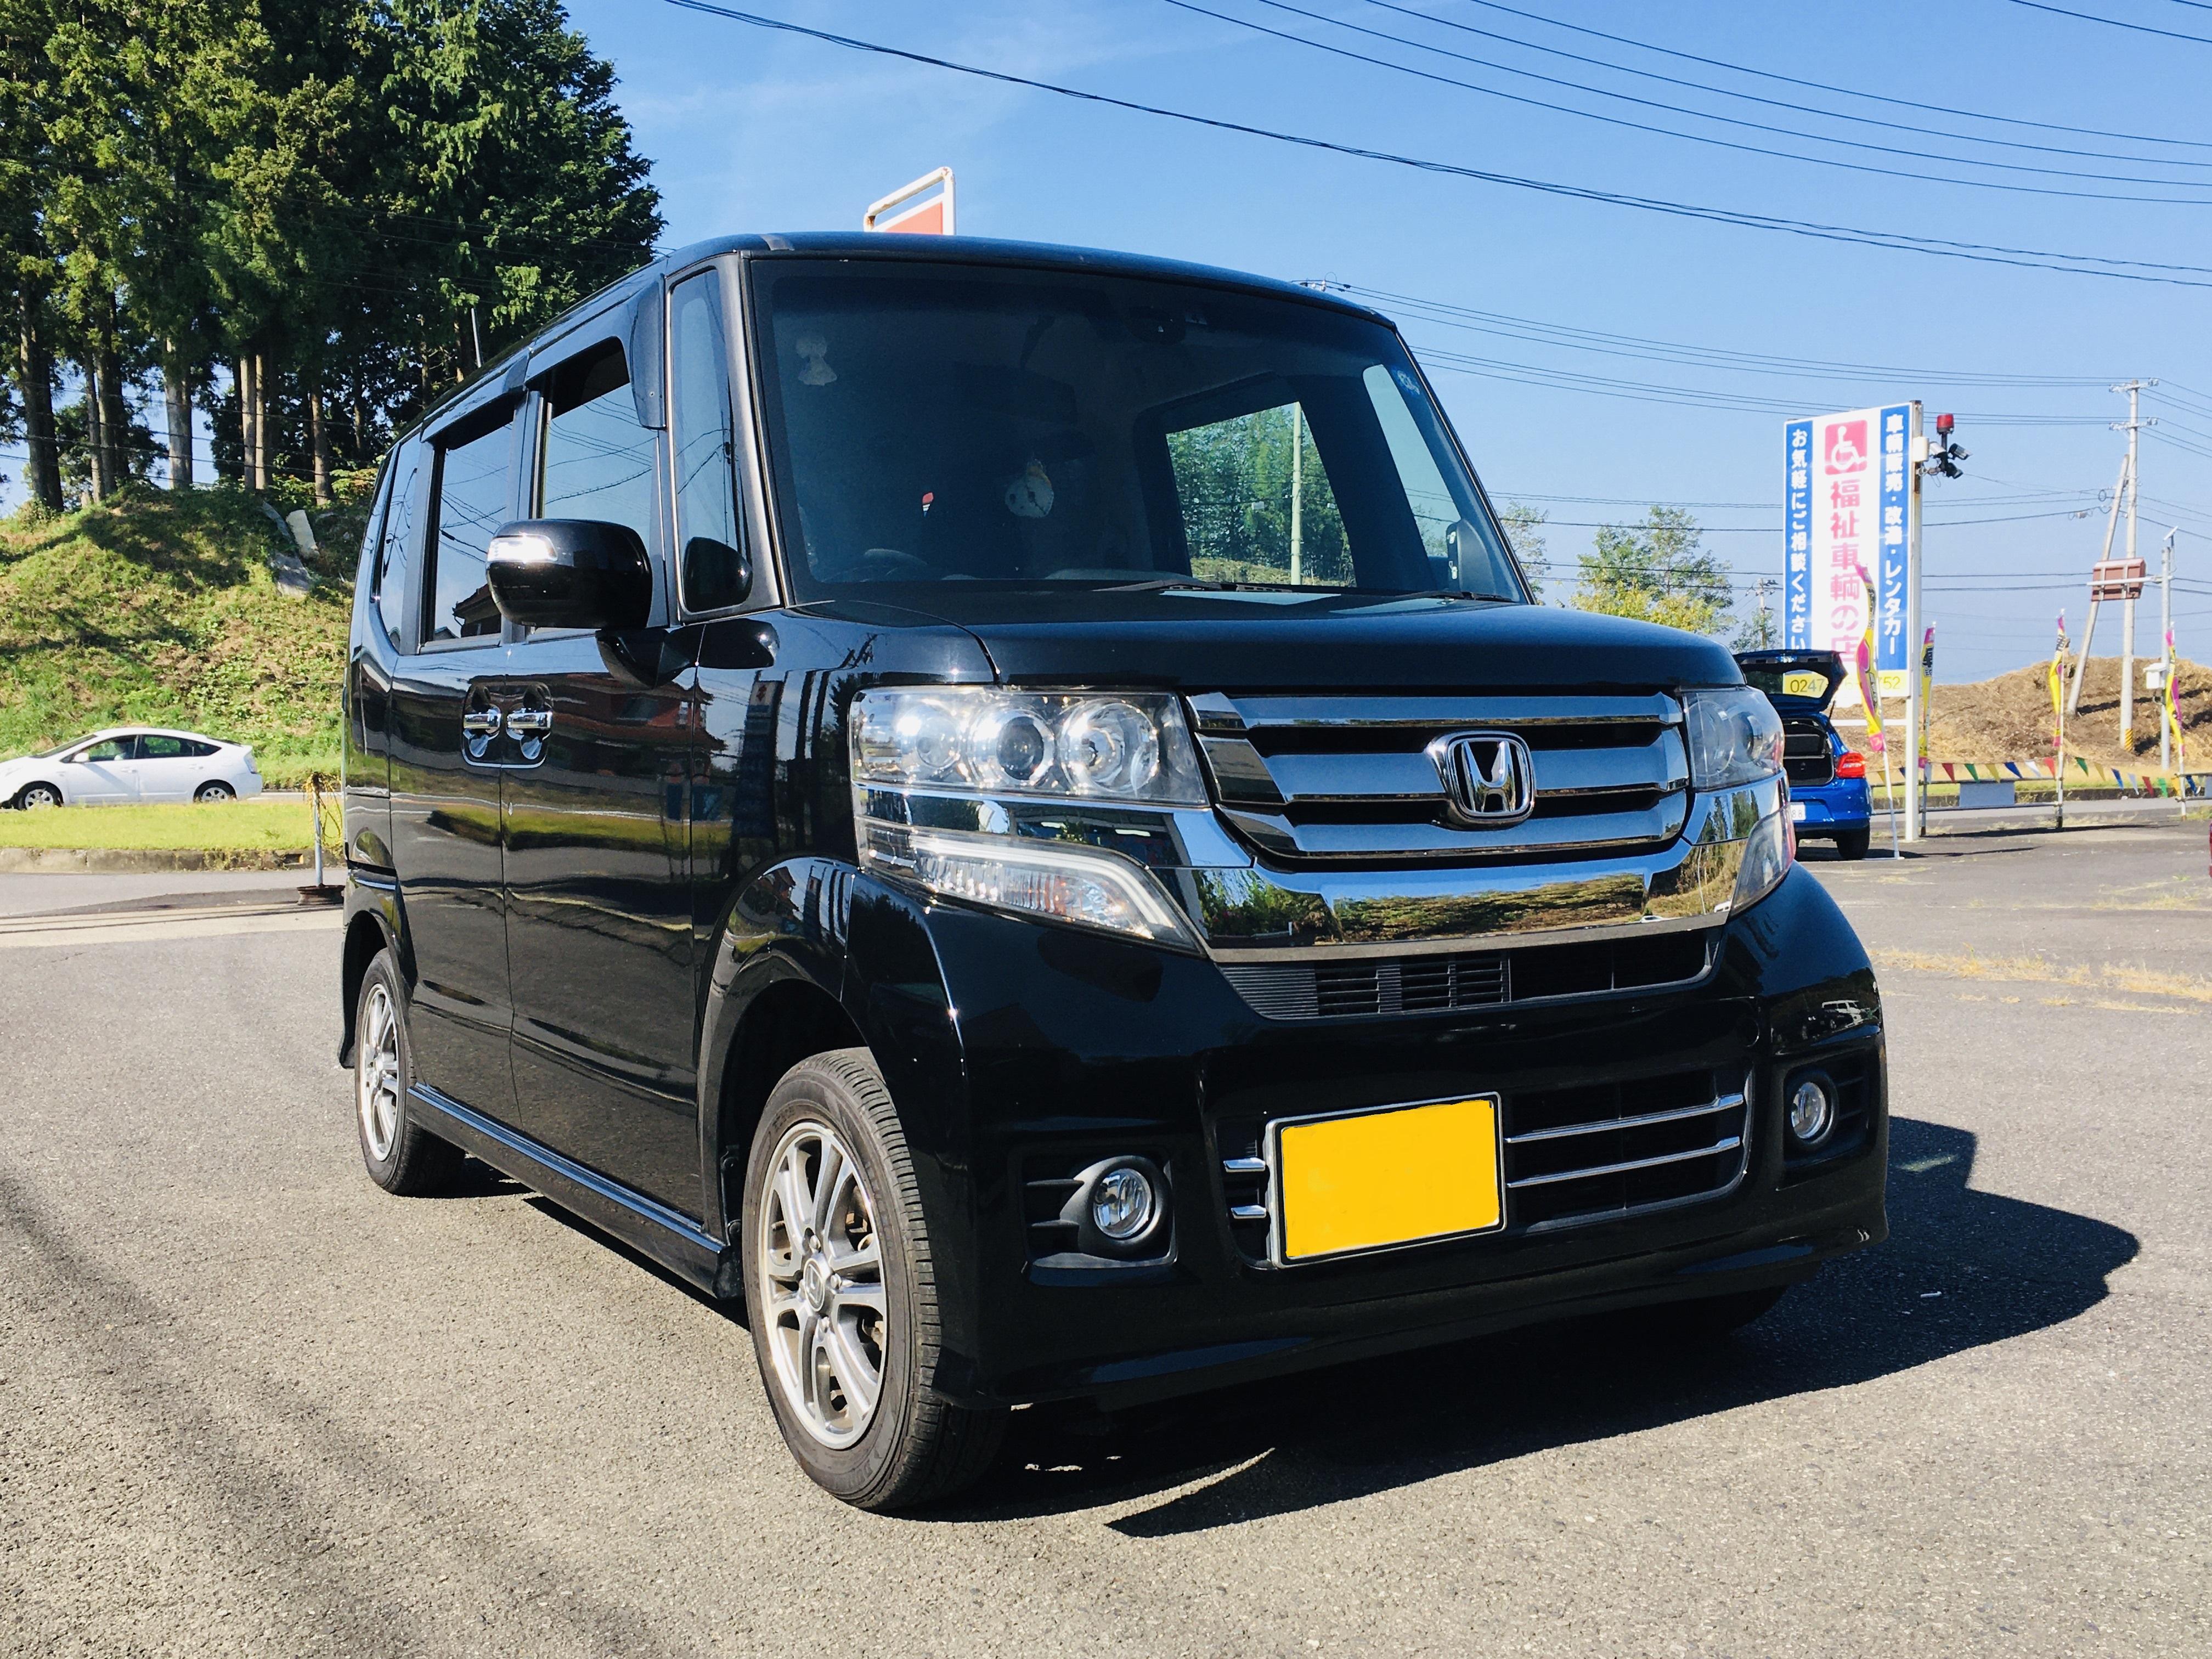 福祉車両改造 ホンダN-BOX 手動運転装置 福祉車両へ改造 201910 ①